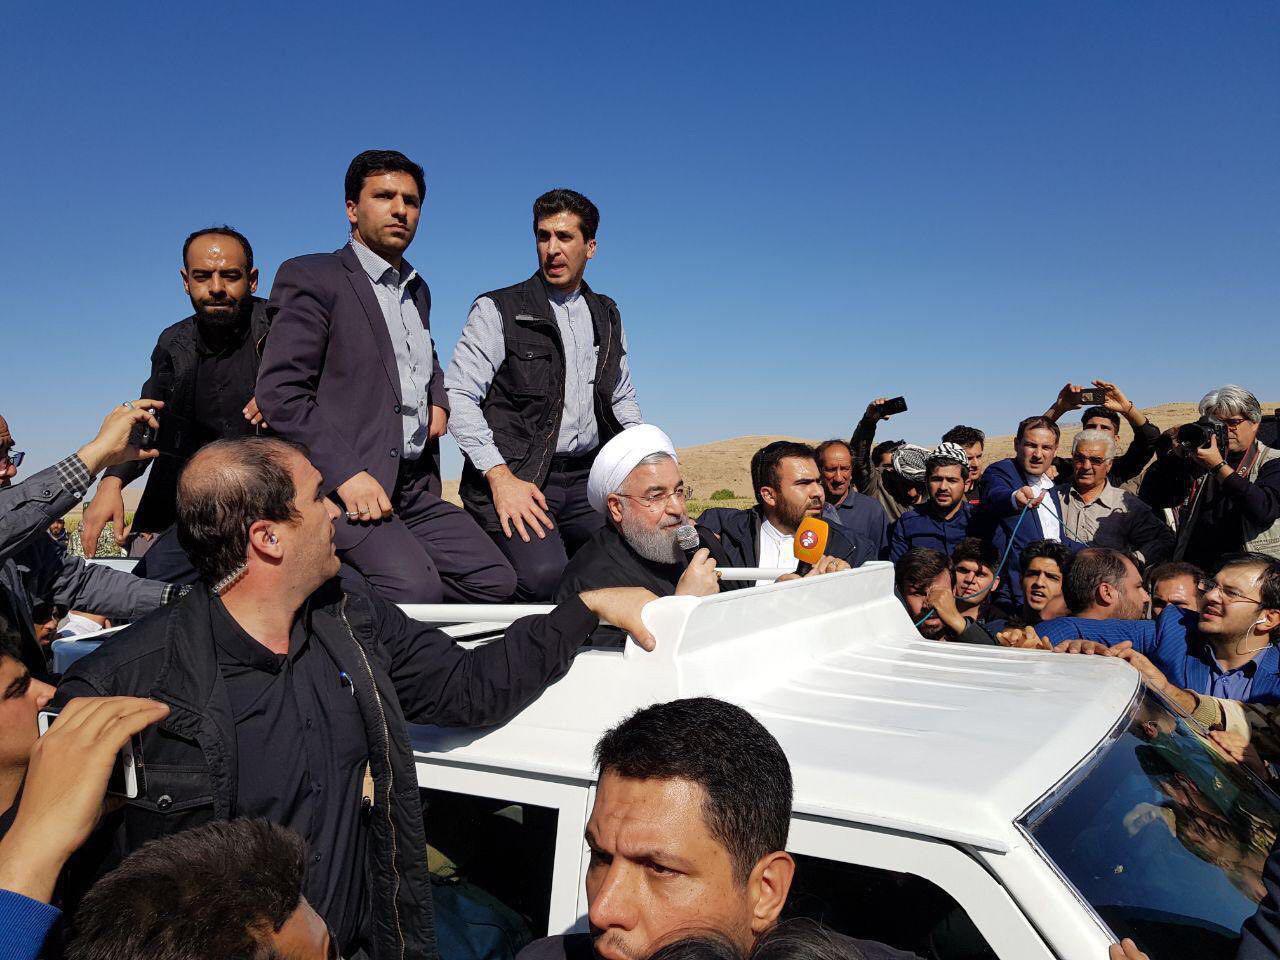 بازدید روحانی از مناطق زلزلهزده شهرستان سرپل ذهاب/ دلجویی رییسجمهور از زلزلهزدگان